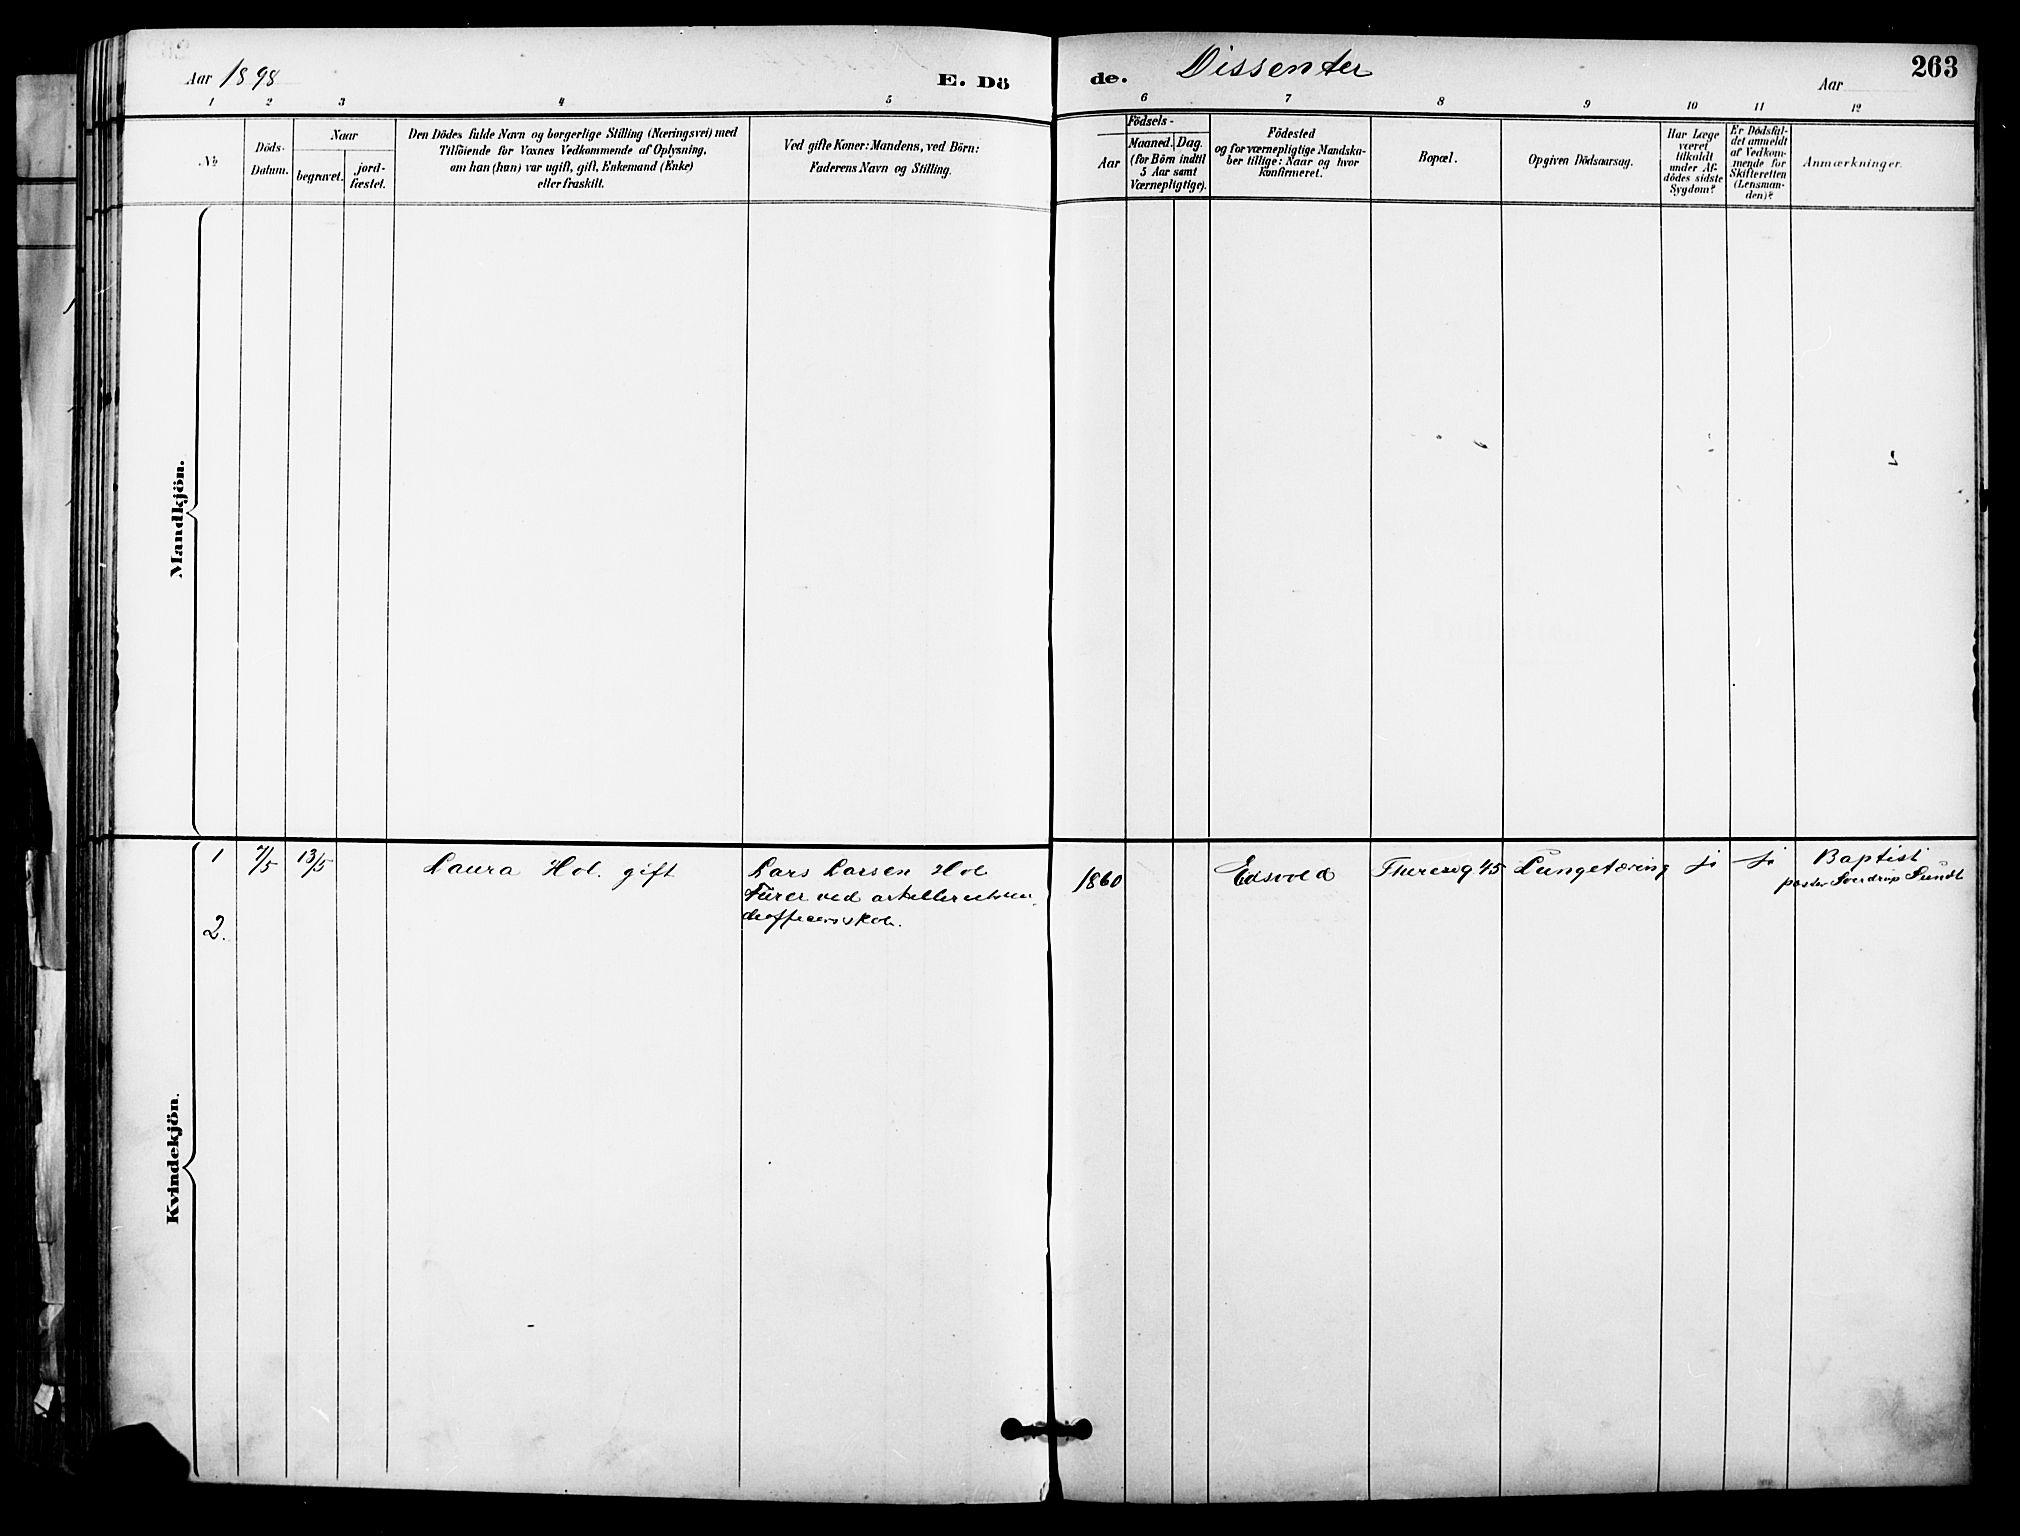 SAO, Garnisonsmenigheten Kirkebøker, F/Fa/L0013: Ministerialbok nr. 13, 1894-1904, s. 263